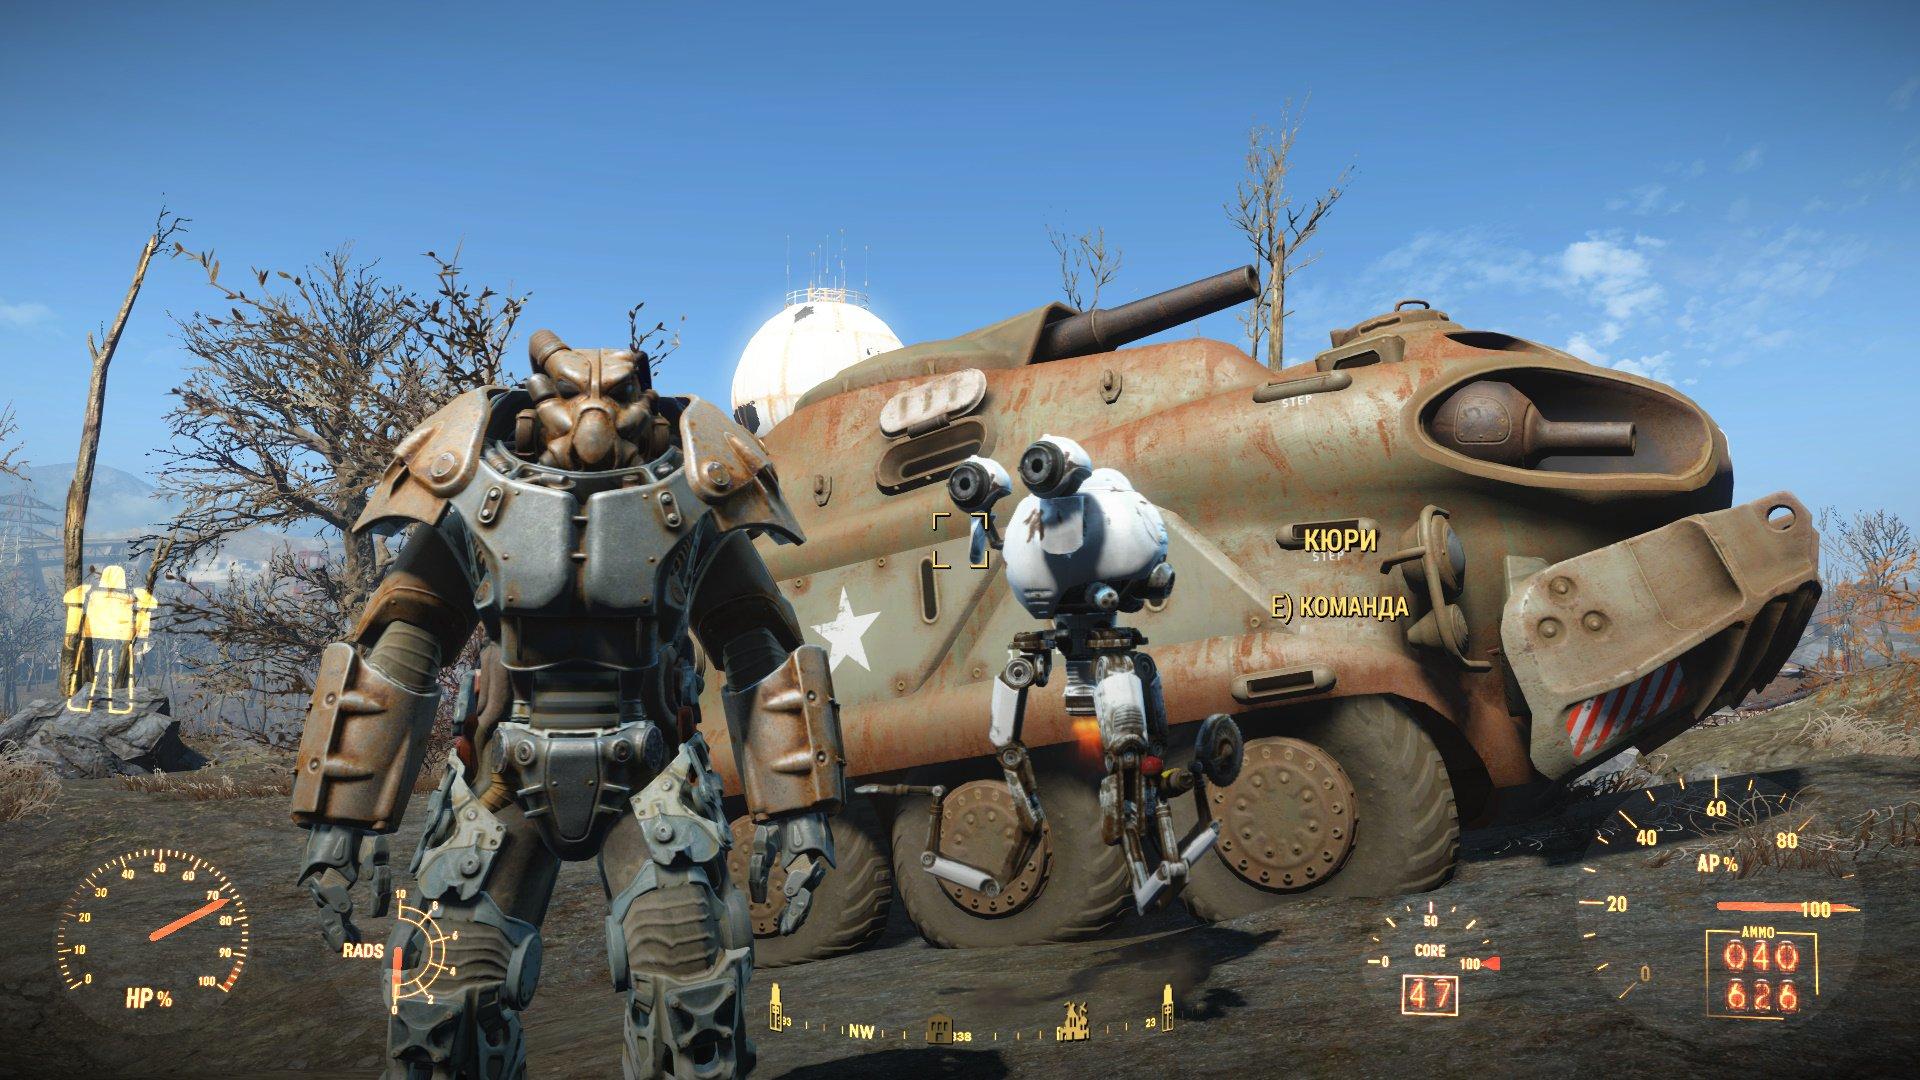 Сравнительный анализ (на самом деле нет) Fallout New Vegas vs. Fallout 4 (часть 1) - Изображение 6